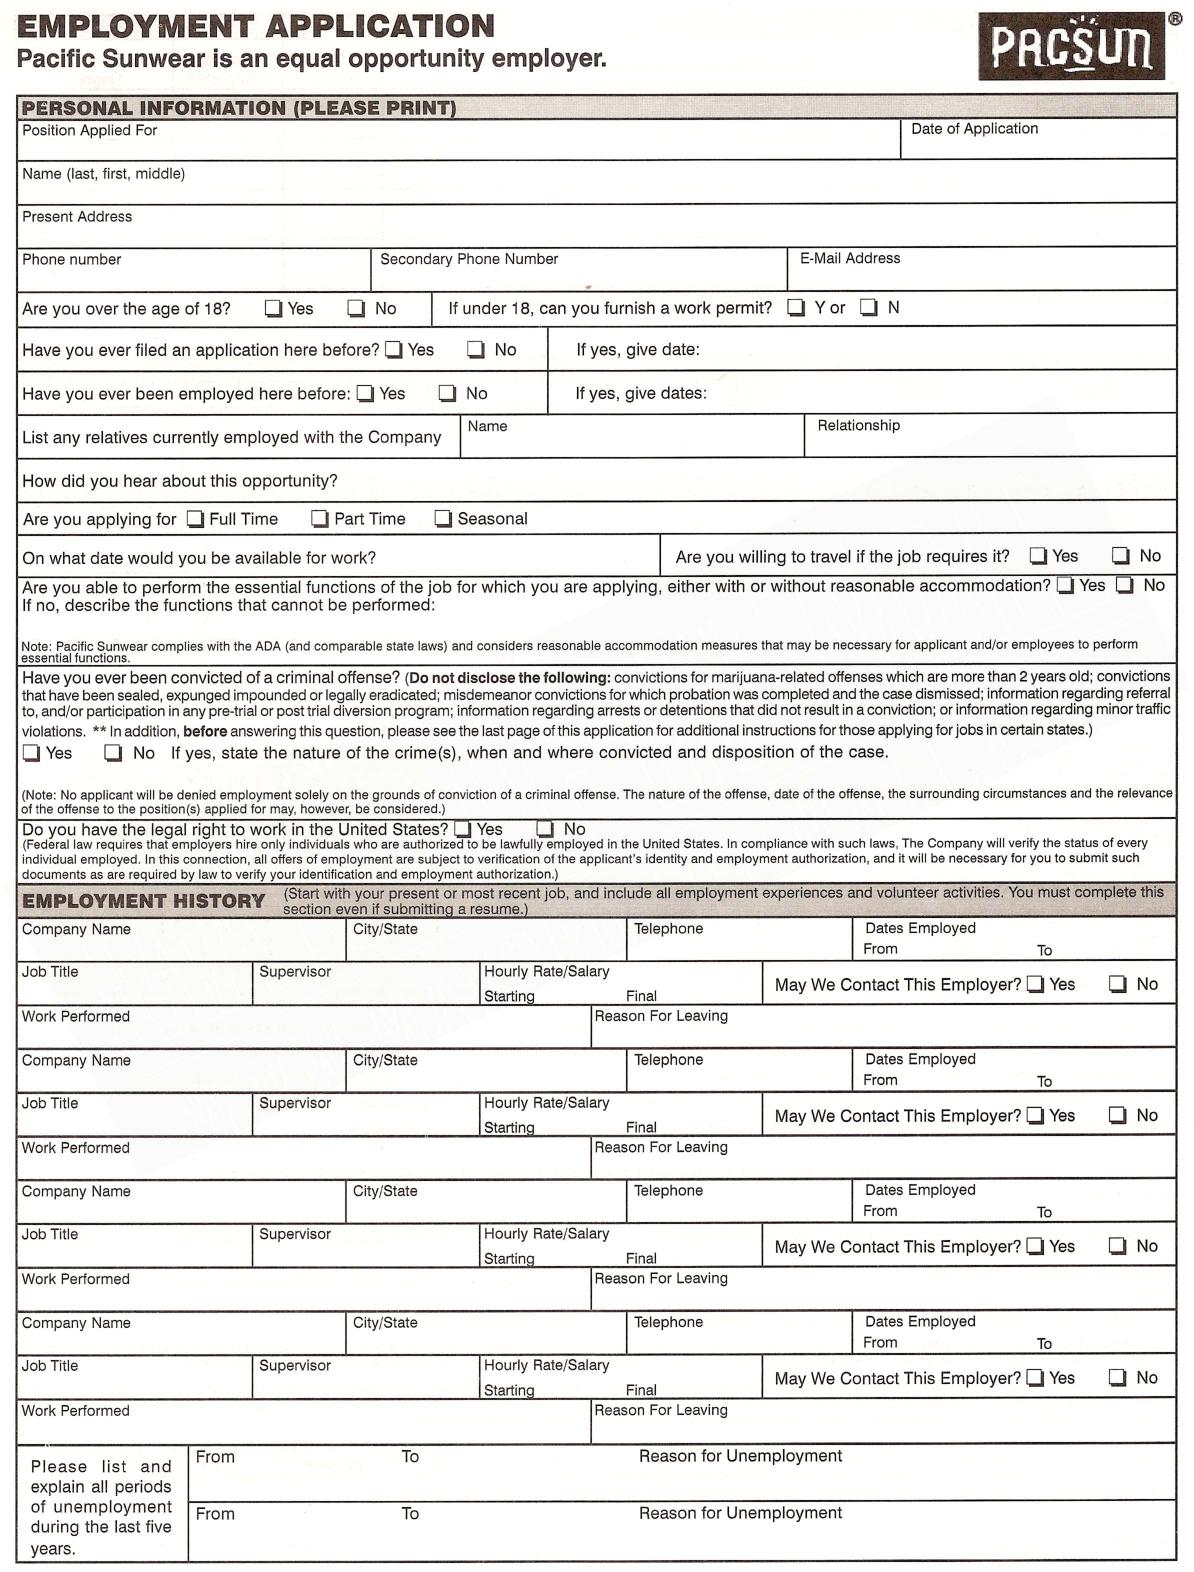 pacsun application Pacsun employment application form